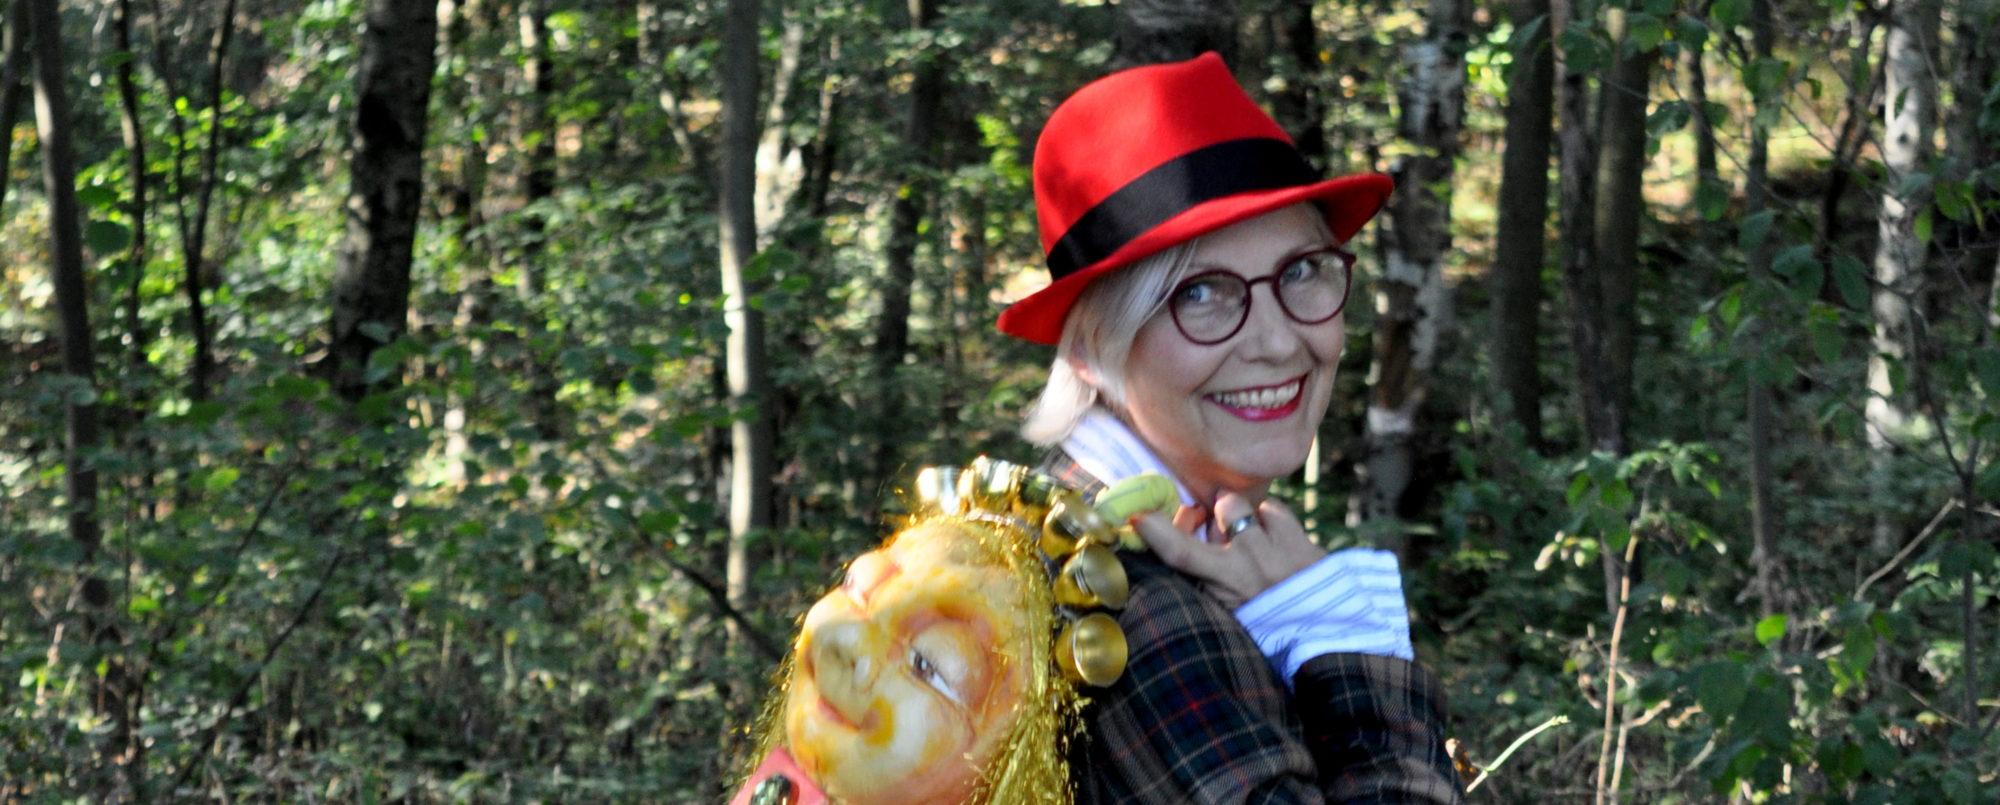 BIGGI HOPP Lebensfreude für alle mit rotem Hut